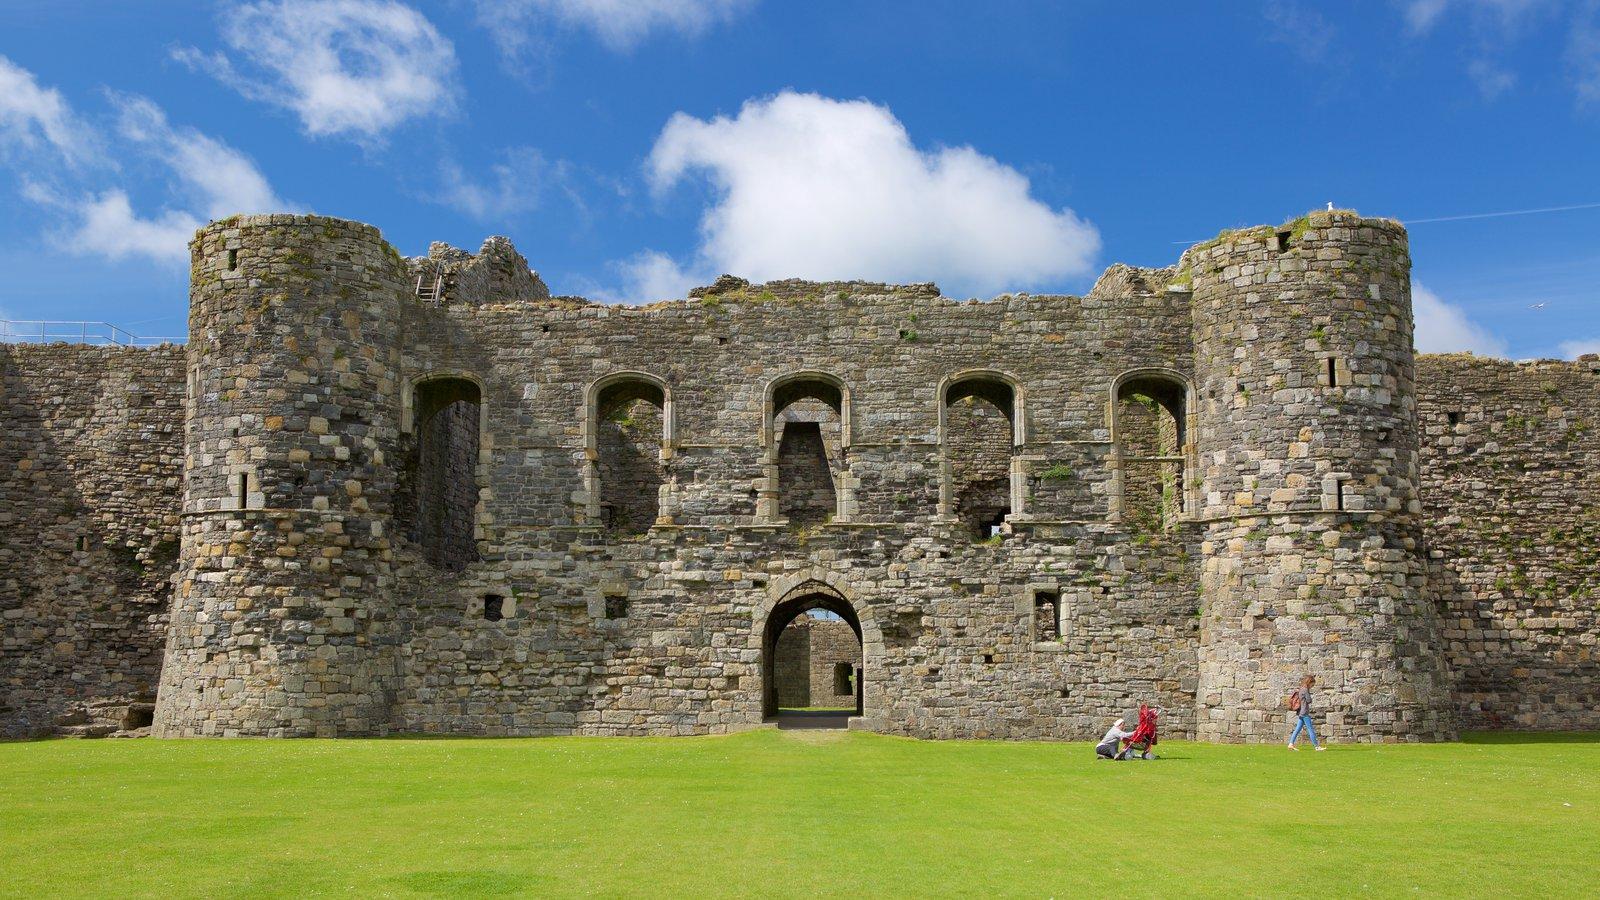 Castillo de Beaumaris mostrando castillo o palacio, ruinas de edificios y elementos del patrimonio